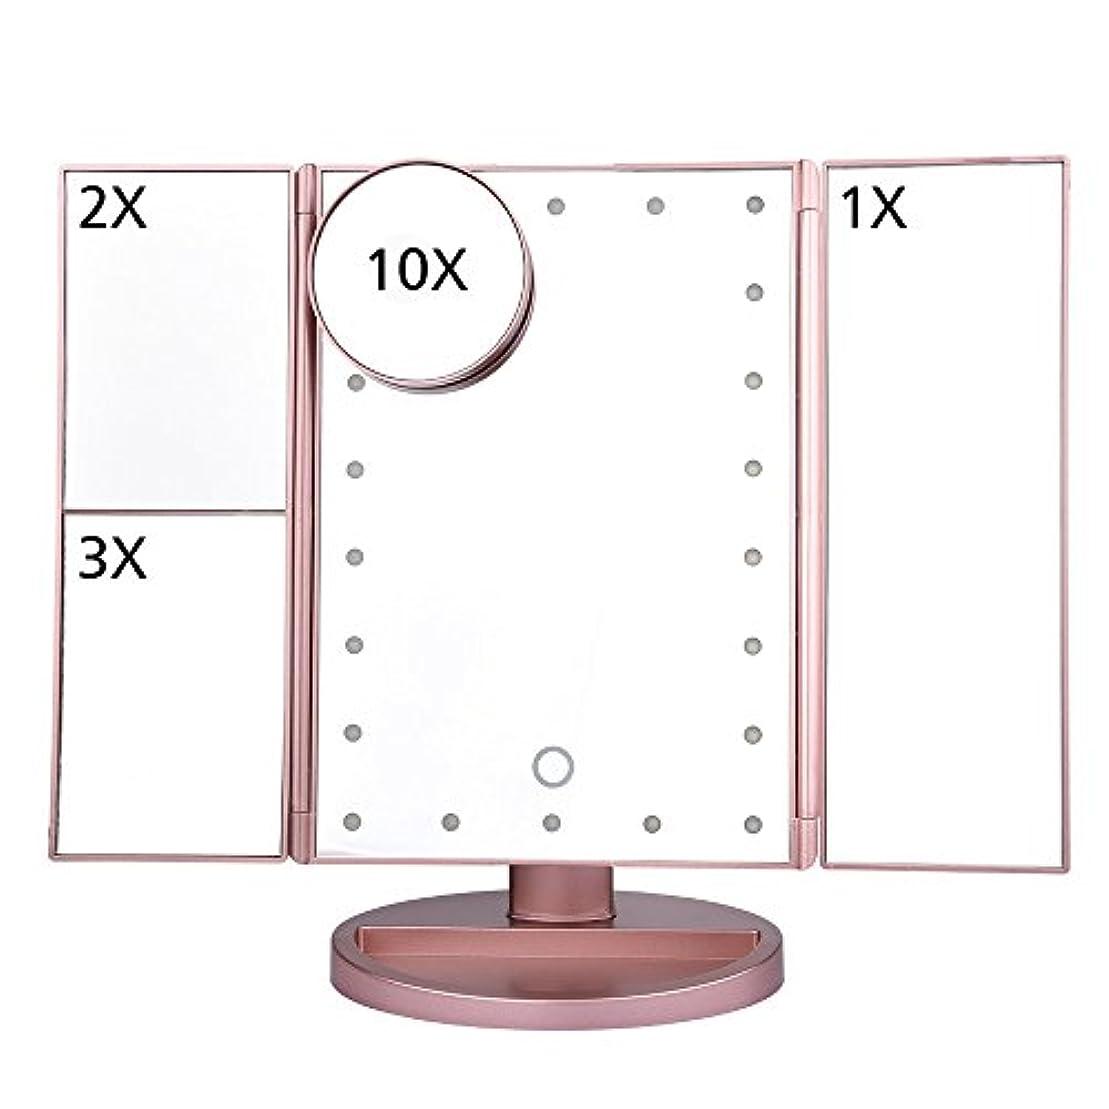 伝統的徴収名前RAKU 化粧鏡 LED三面鏡 卓上ミラー 卓上メークミラー 三つ折タイプ 2倍 3倍 10倍拡大鏡付き 明るさ調節可能 180度自由回転 22個LEDライト付き USB/単四電池給電 三つ折卓上化粧鏡 女性のプレゼント...